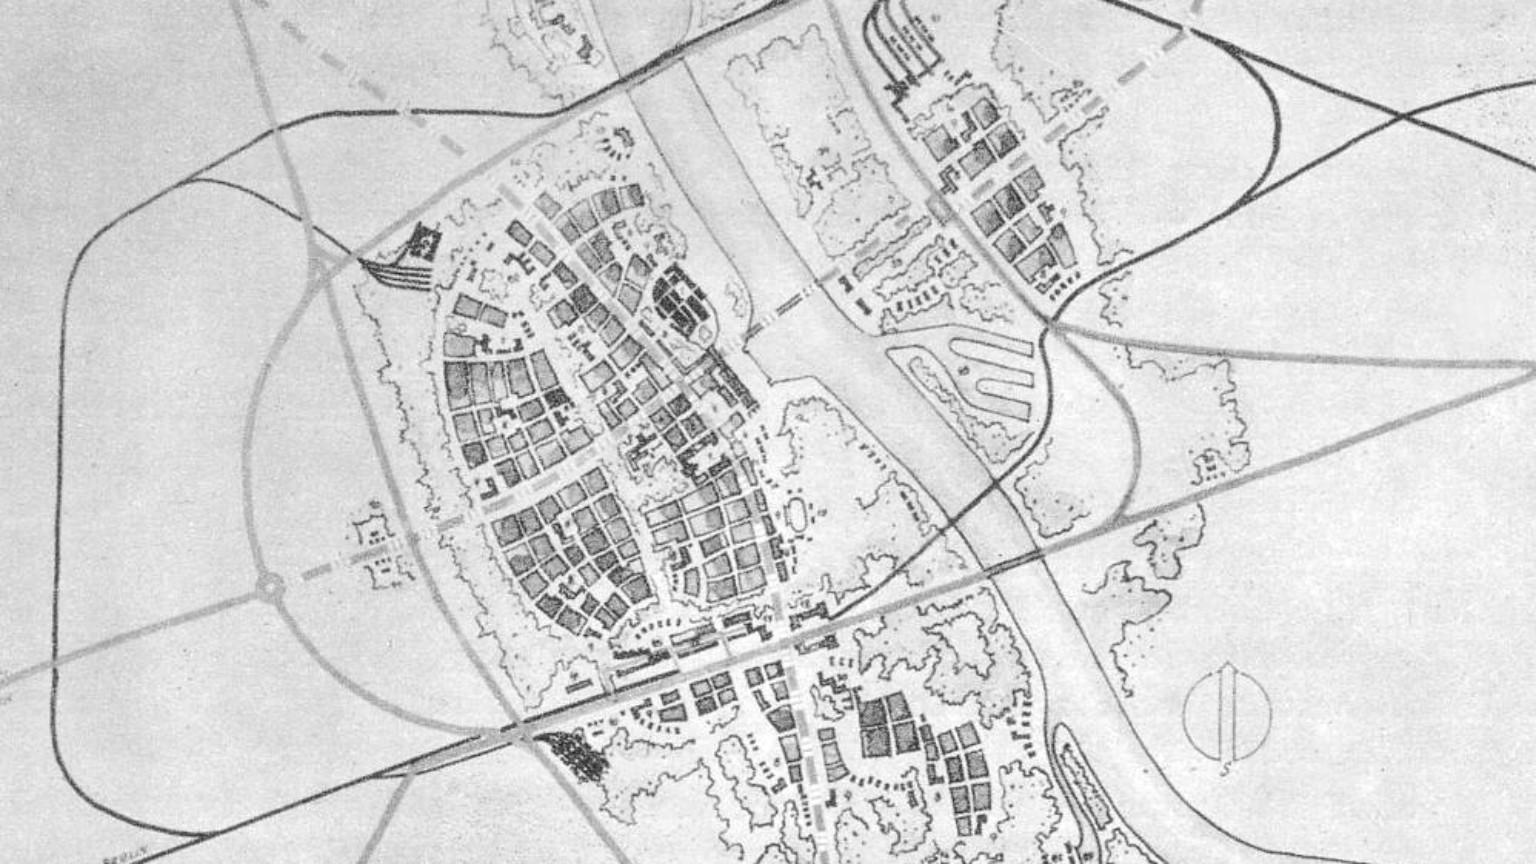 Zdjęcie dla kartki: Nazistowska przebudowa Warszawy